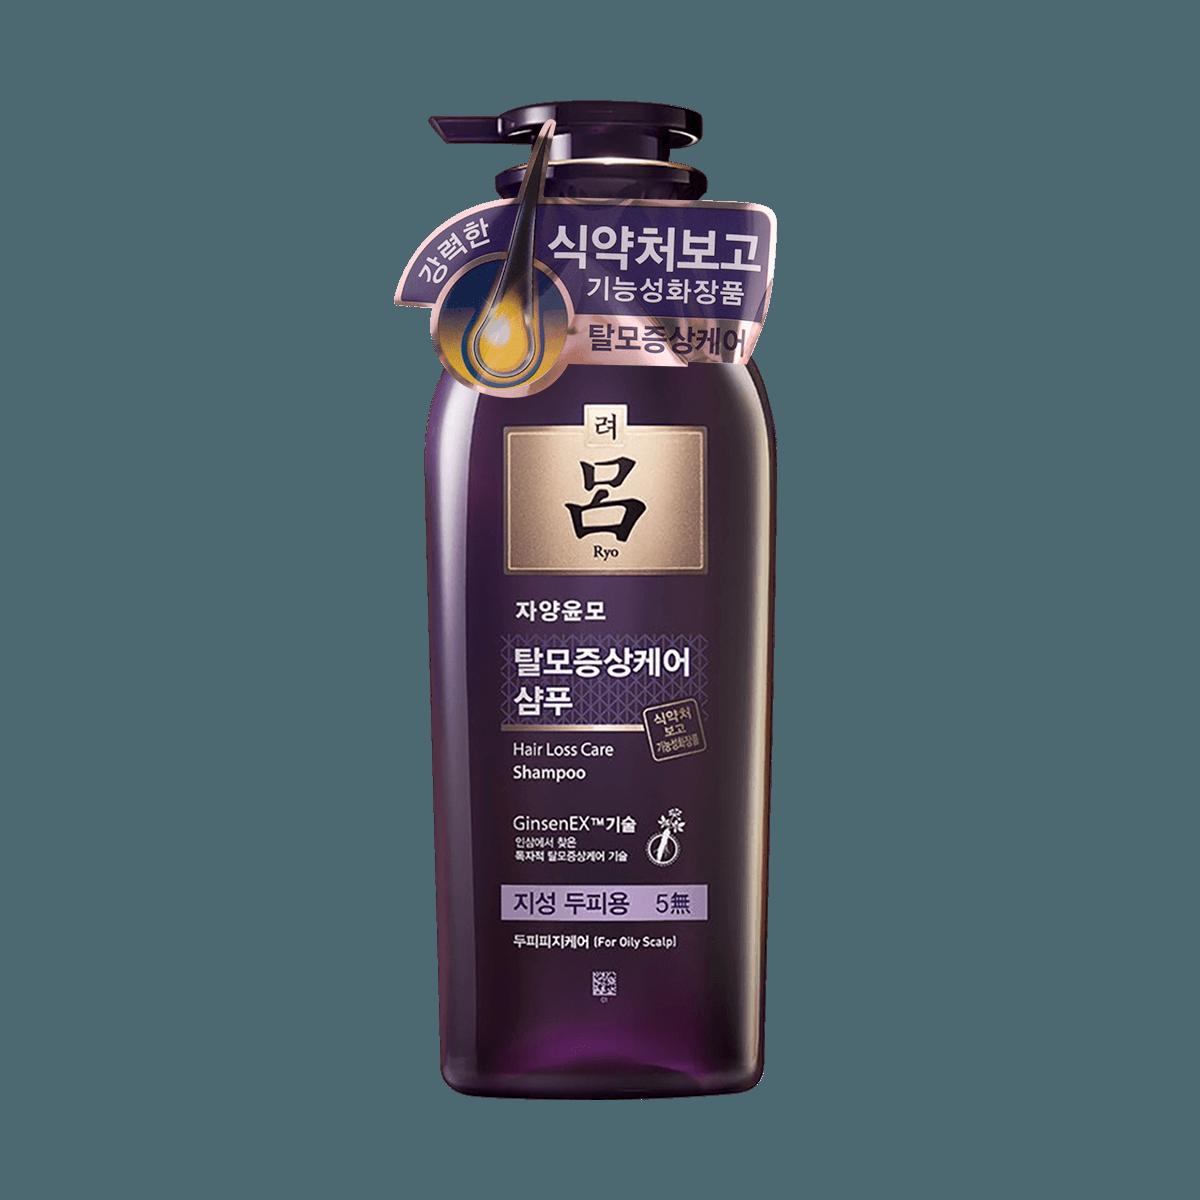 韩国RYO吕 紫色防脱发固发滋养洗发水 400ml 适合油性发质 新老版本随机发送 怎么样 - 亚米网